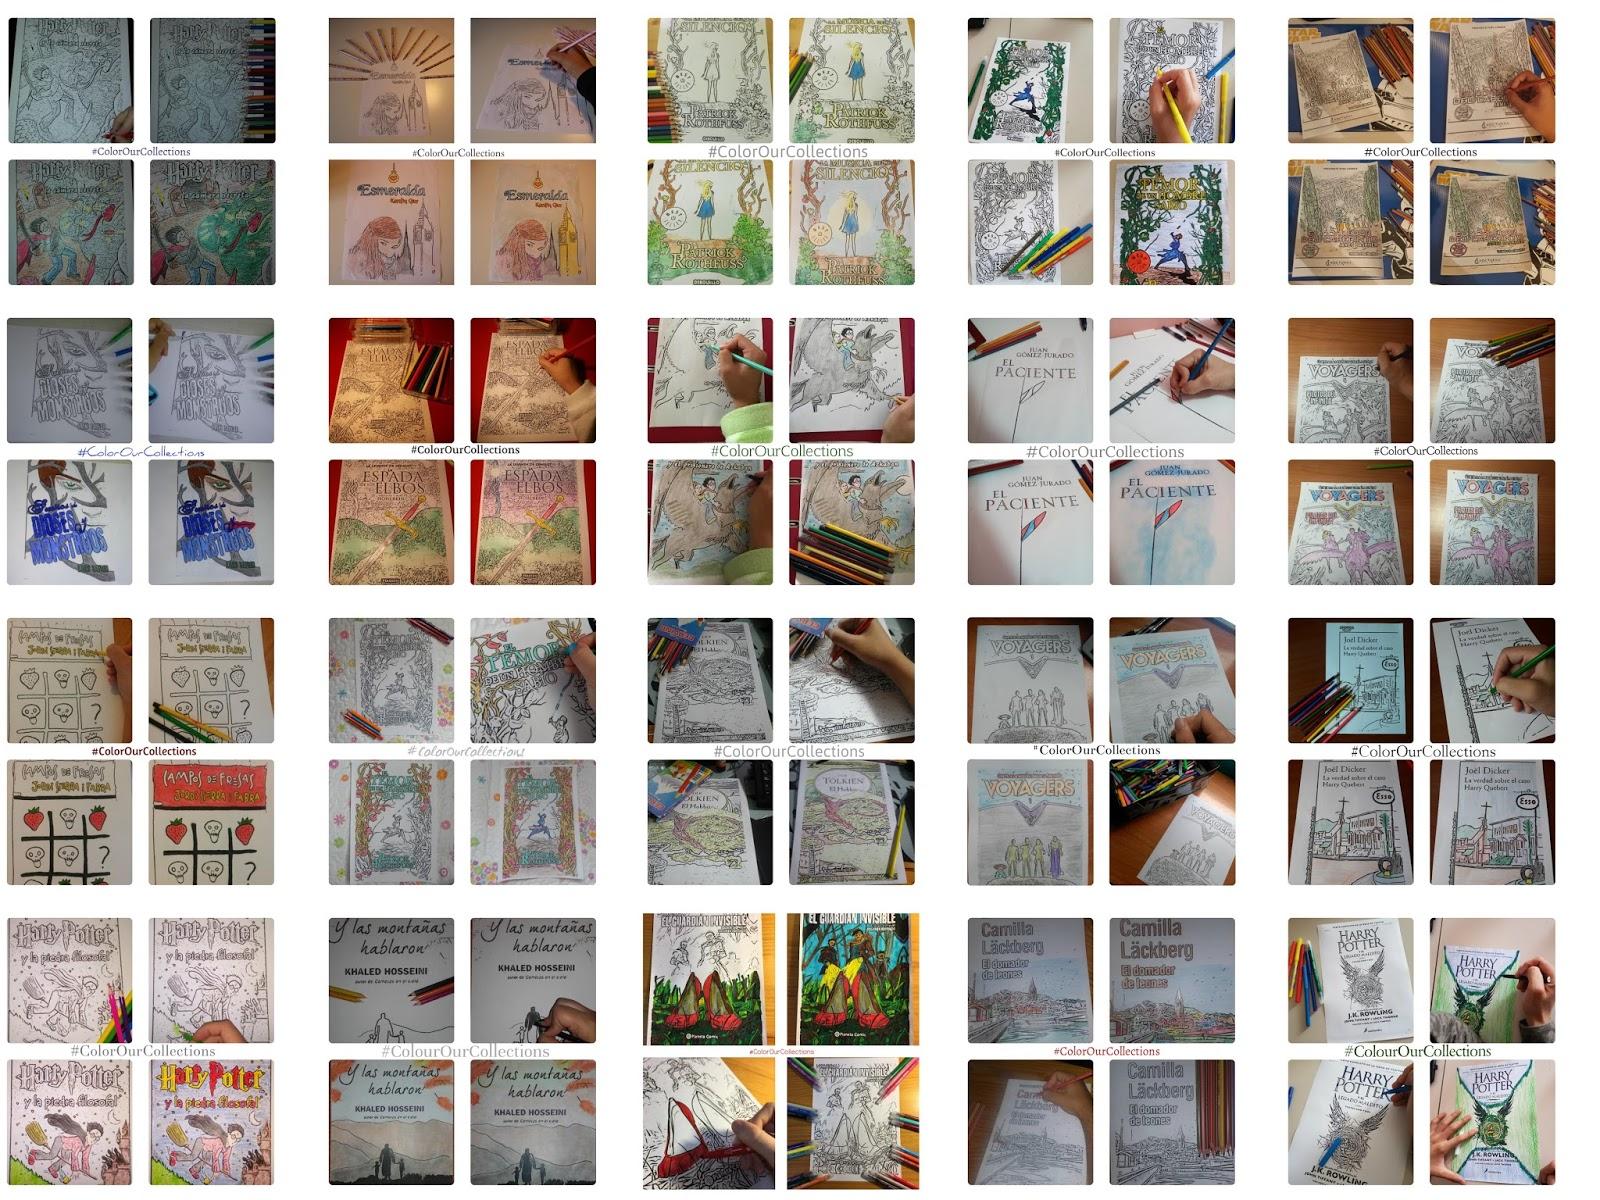 Colorourcollections Colorea Nuestra Colección Proyecto La